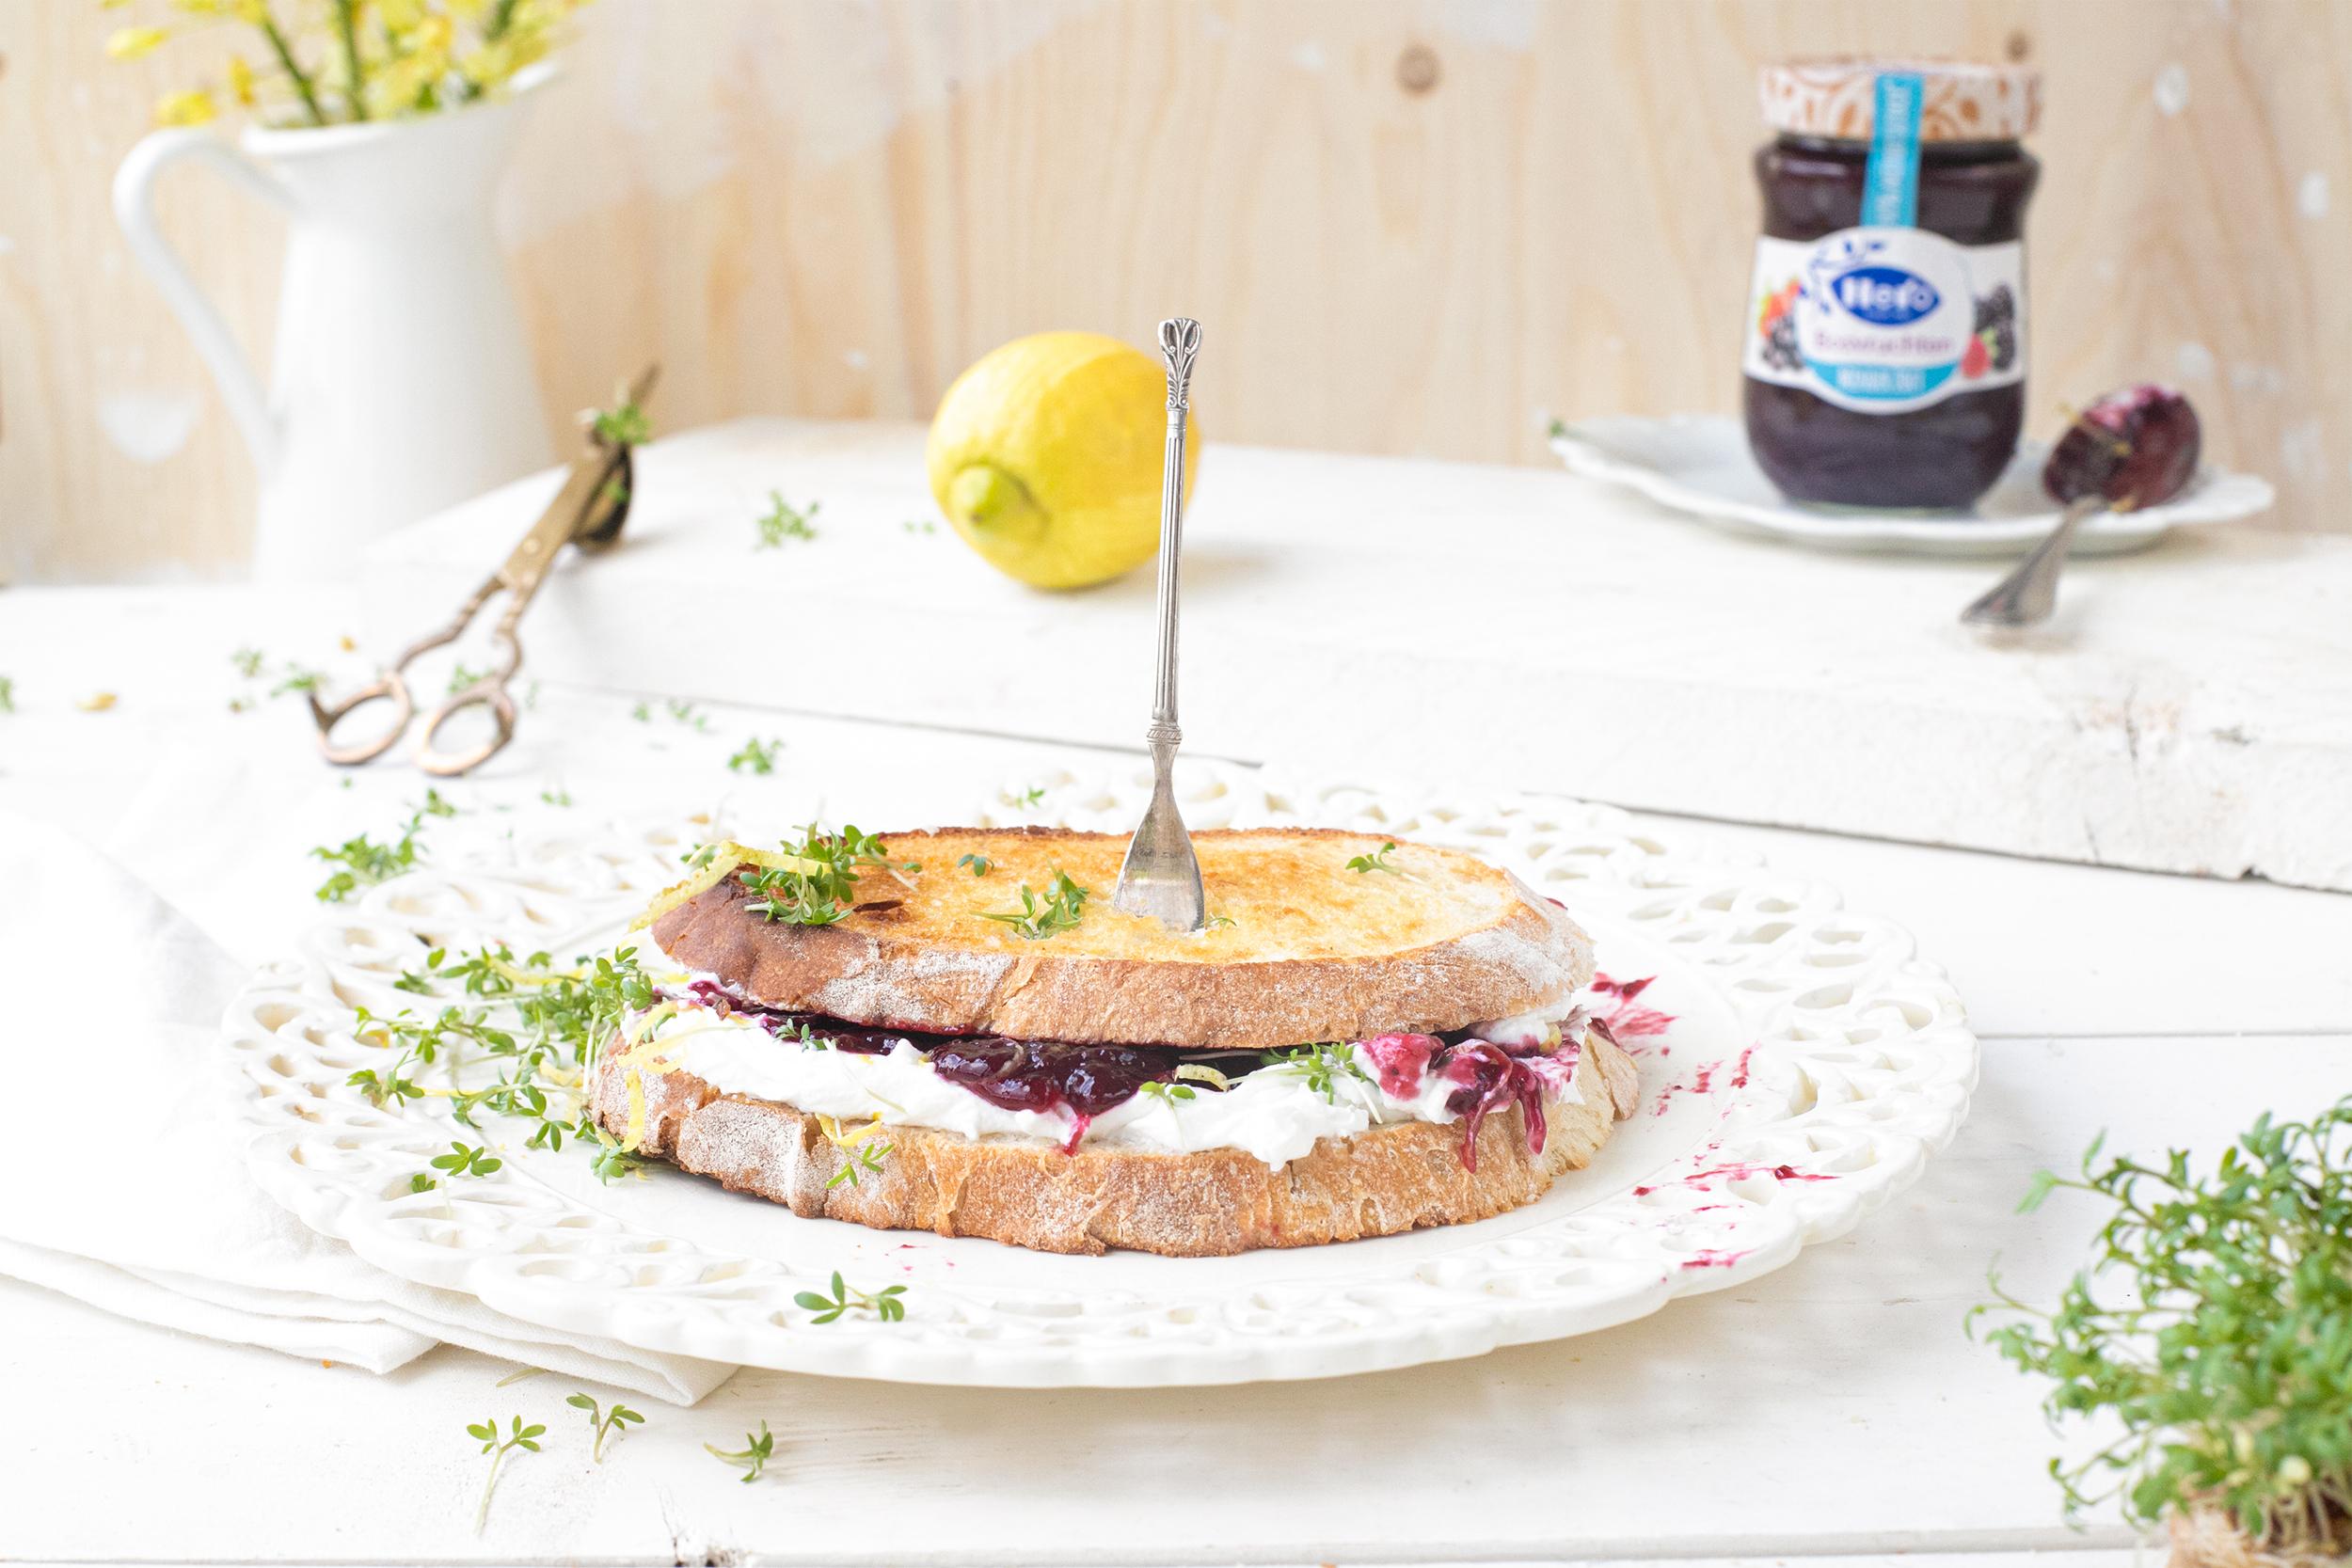 Zuurdesem sandwich met geitenkaas, bosvruchtenjam, citroen & tuinkers